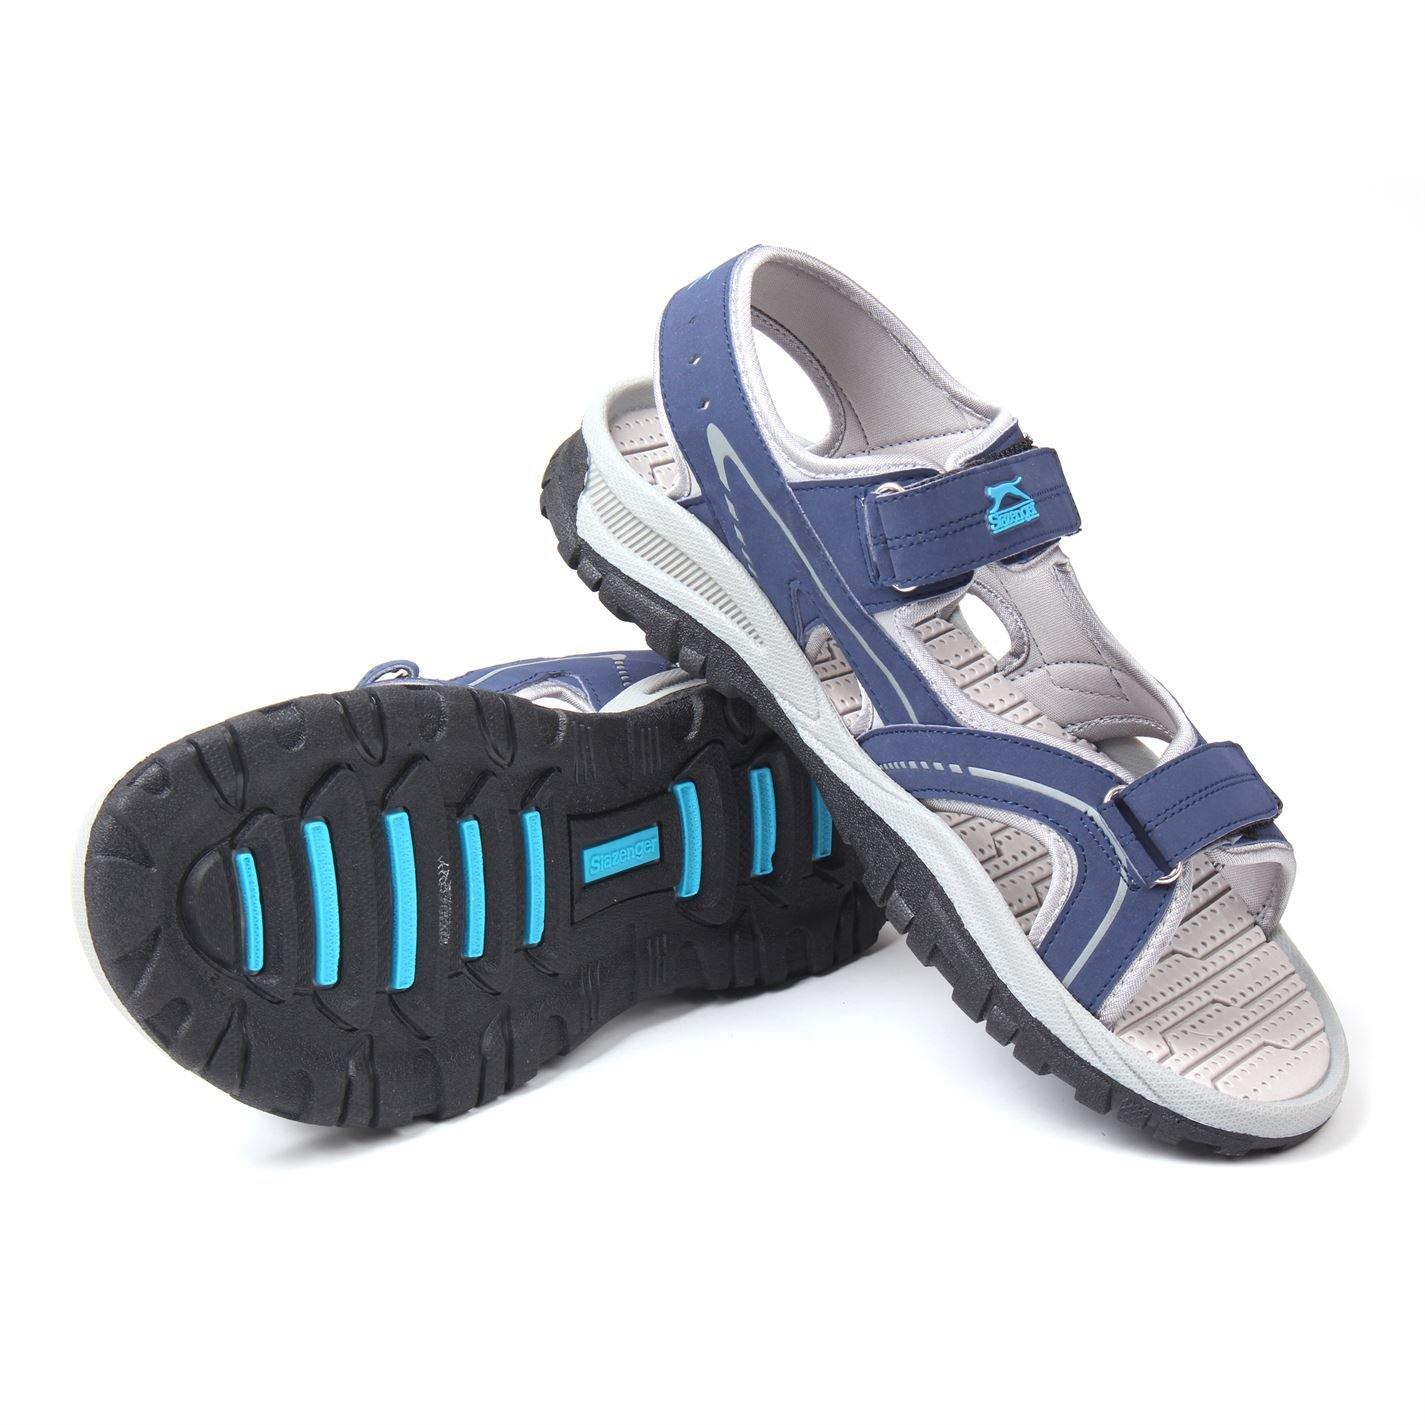 Herren Sneakers   Damen Sandalen : Brax Freizeitschuhe